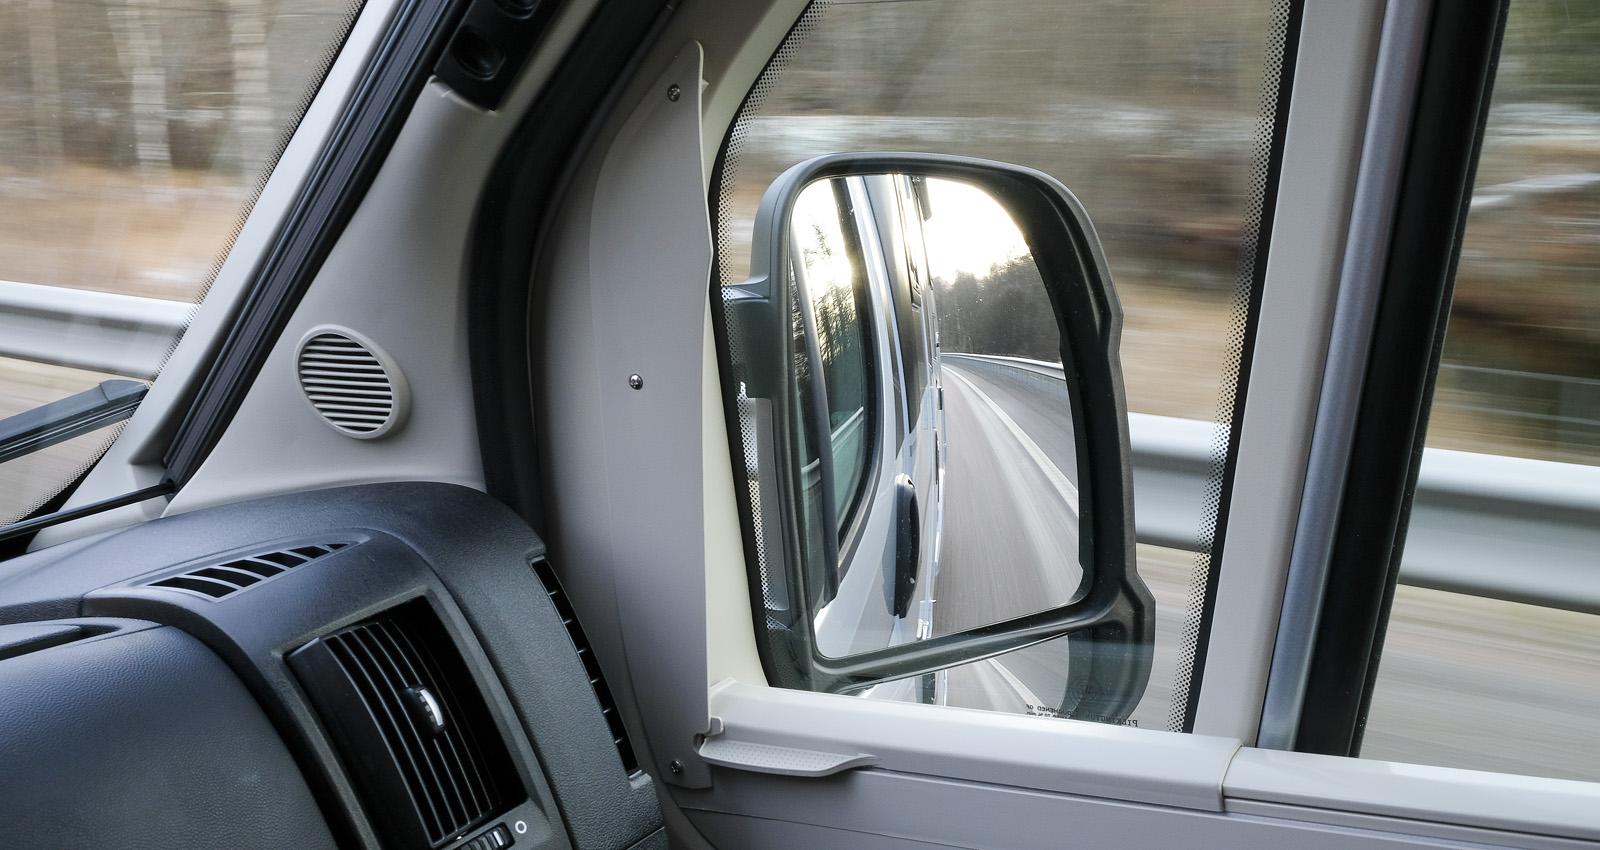 Sikten genom spegelns nedre del skyms av gardinkassetten.